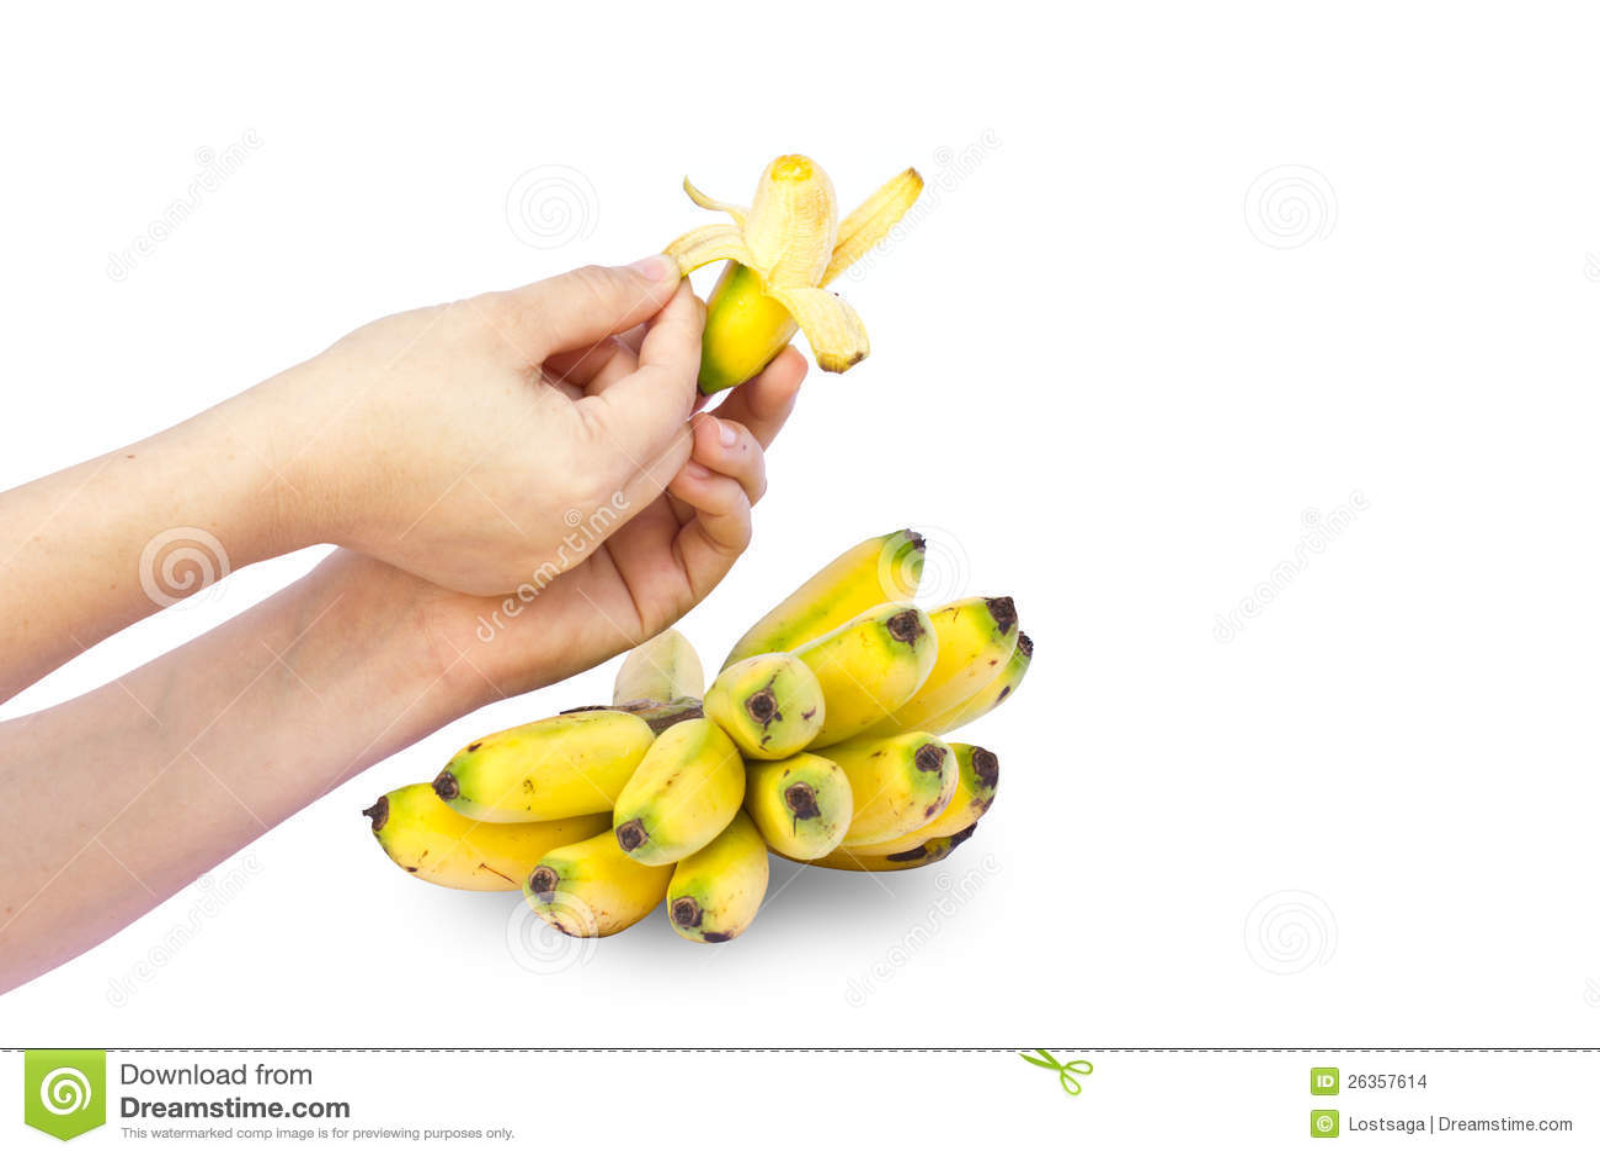 Hände halten frische Banane an